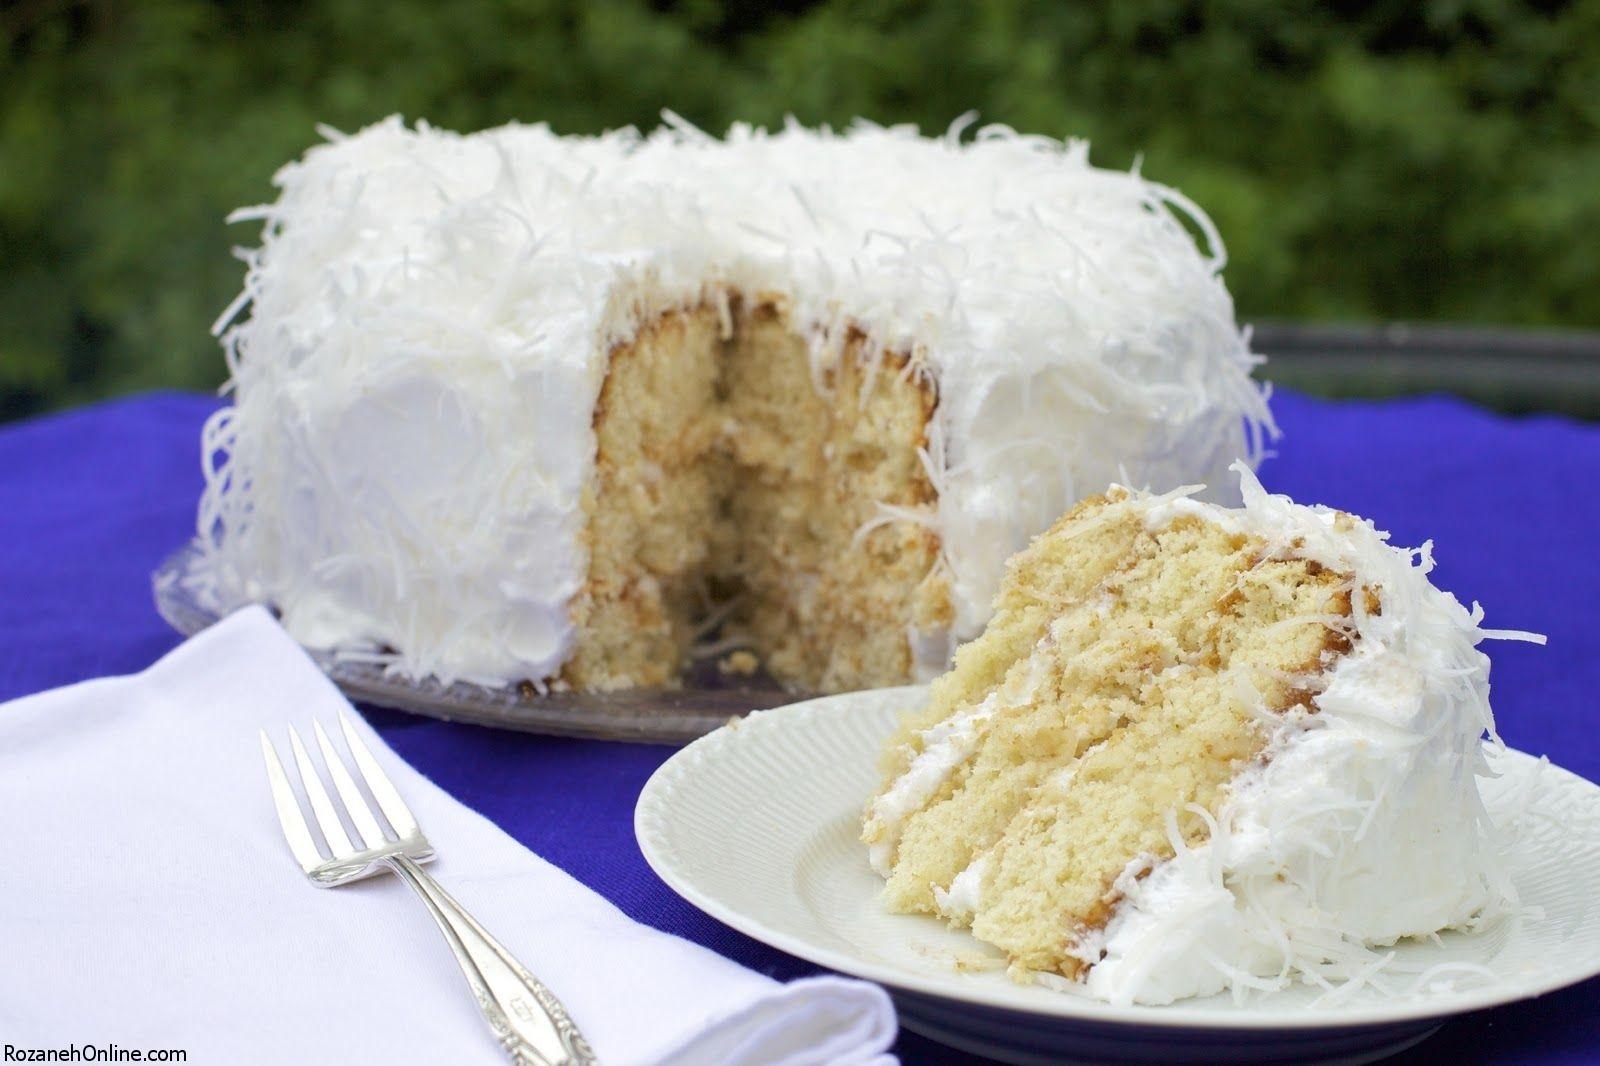 دستور پخت کیک نارگیلی بهمراه خواص فوق العاده نارگیل